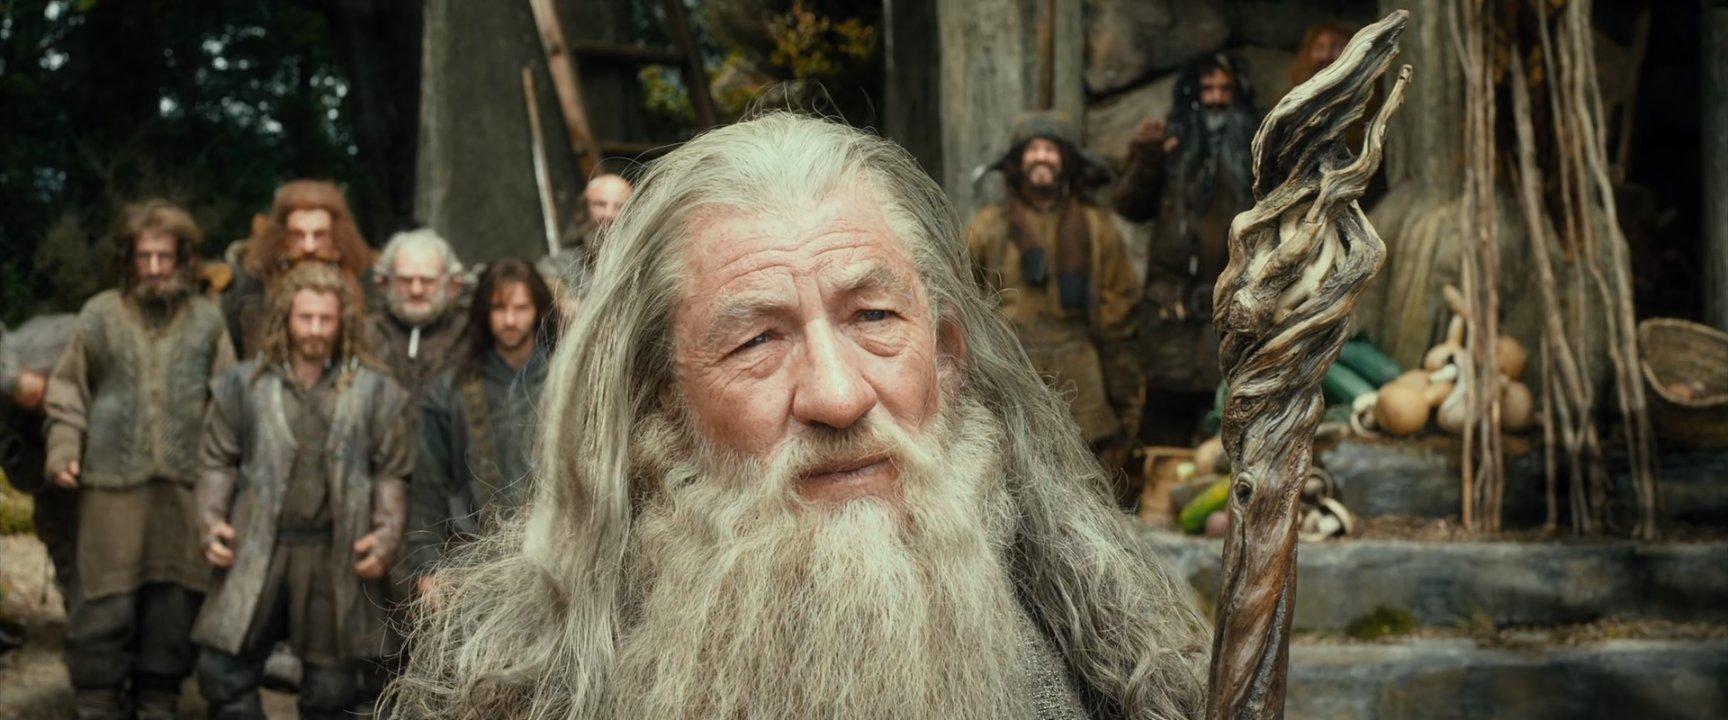 دانلود موسیقی متن فیلم سینمایی The Hobbit